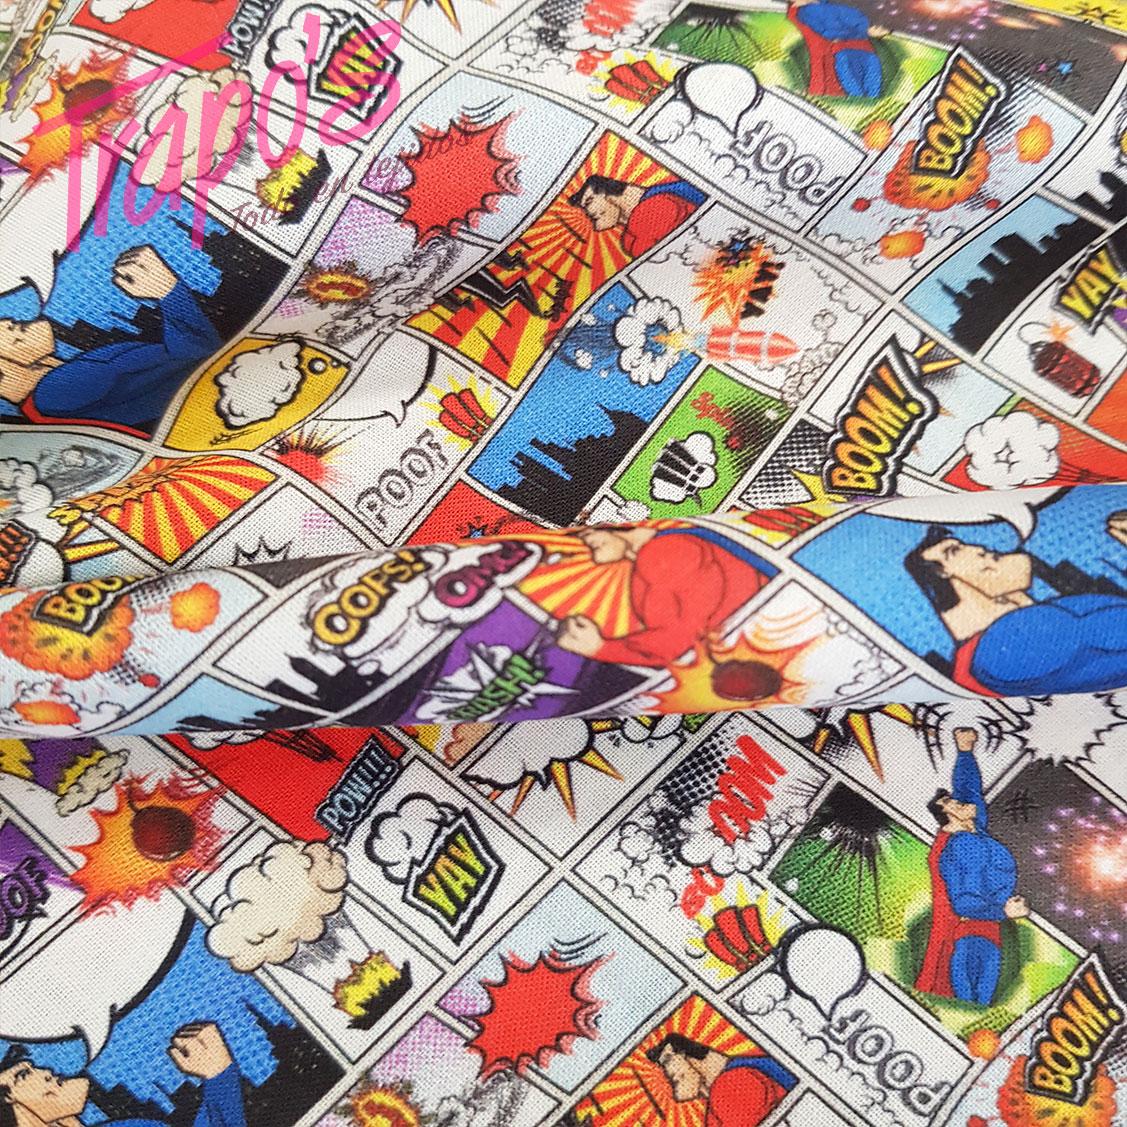 comic33